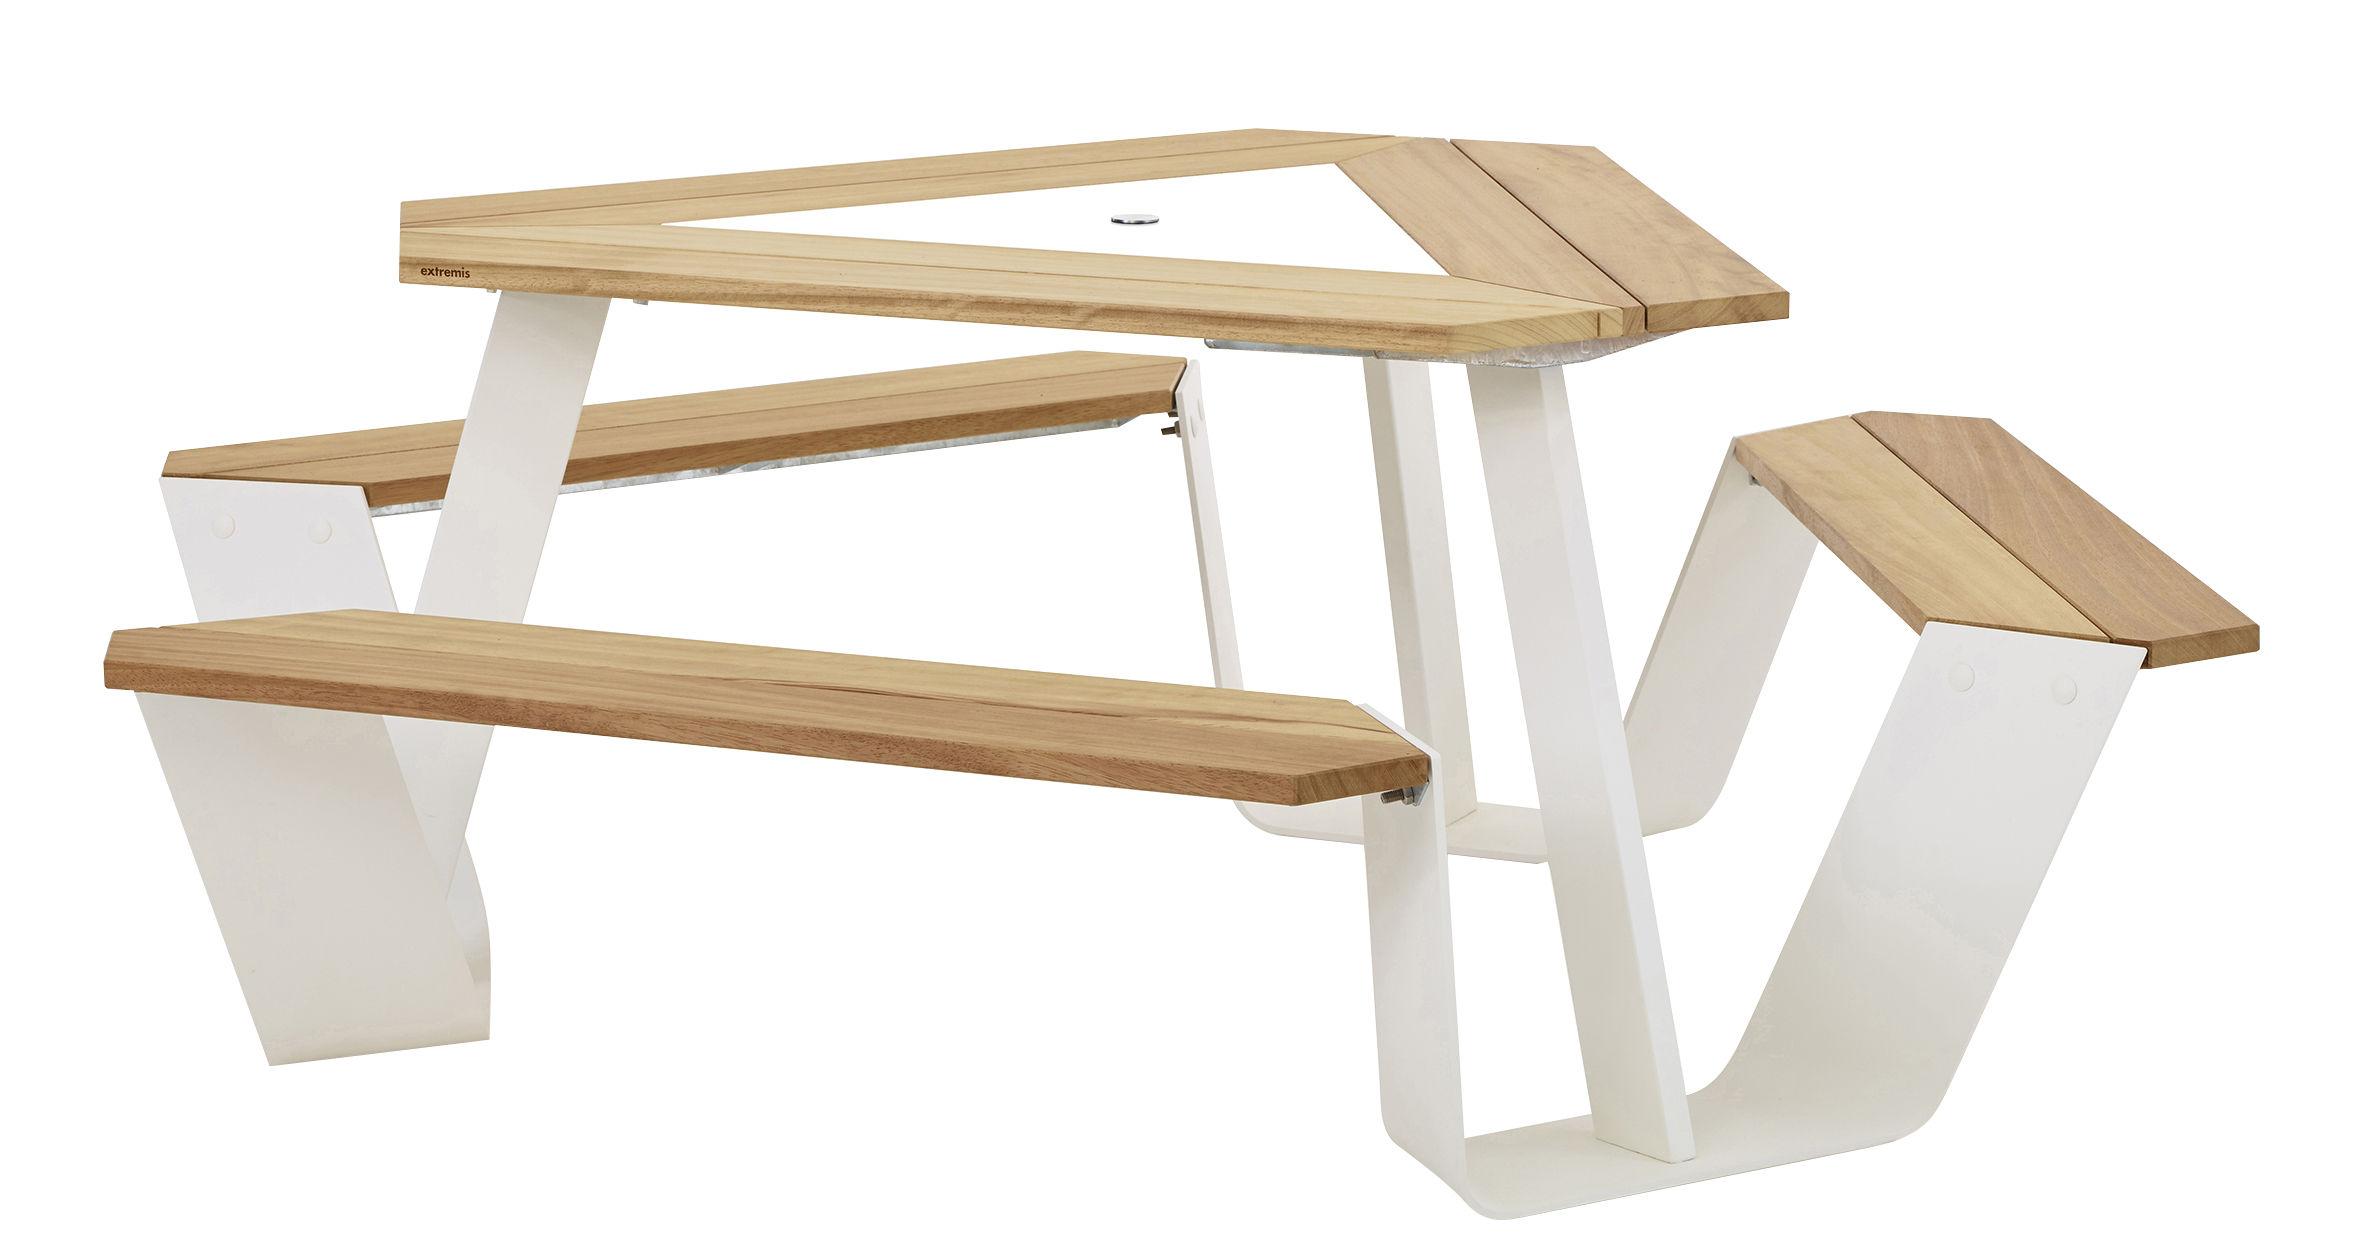 Möbel - Tische - Anker Tisch und Sitzgarnitur / Ø 216 cm - für 6 Personen - Extremis - Weiß / helles Holz / Mittelelement der Tischplatte weiß - Aluminium thermolaqué, Iroko Holz, thermolackierter Stahl